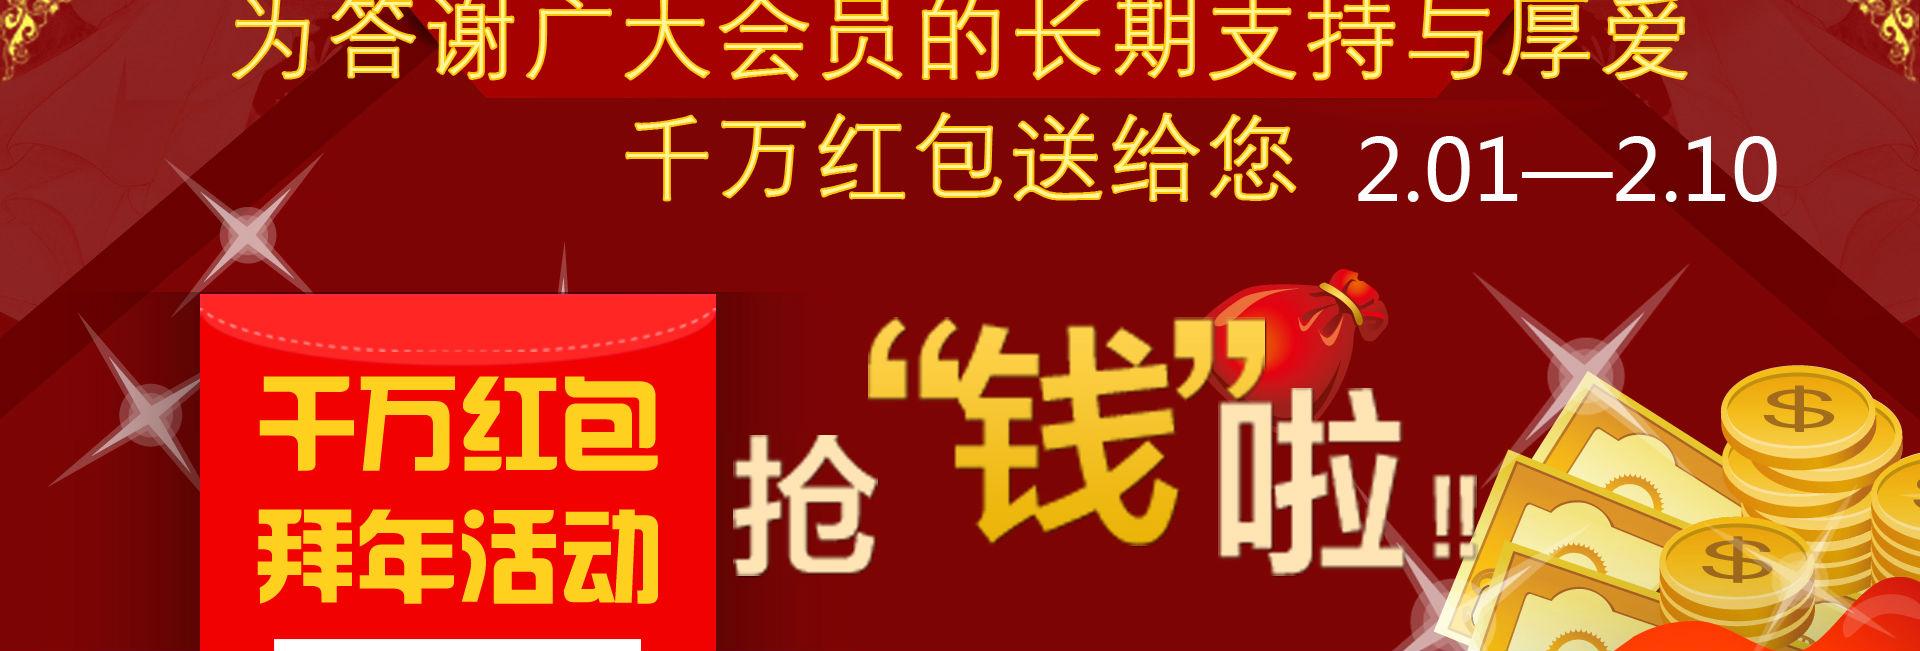 世界服装鞋帽网红包主题活动